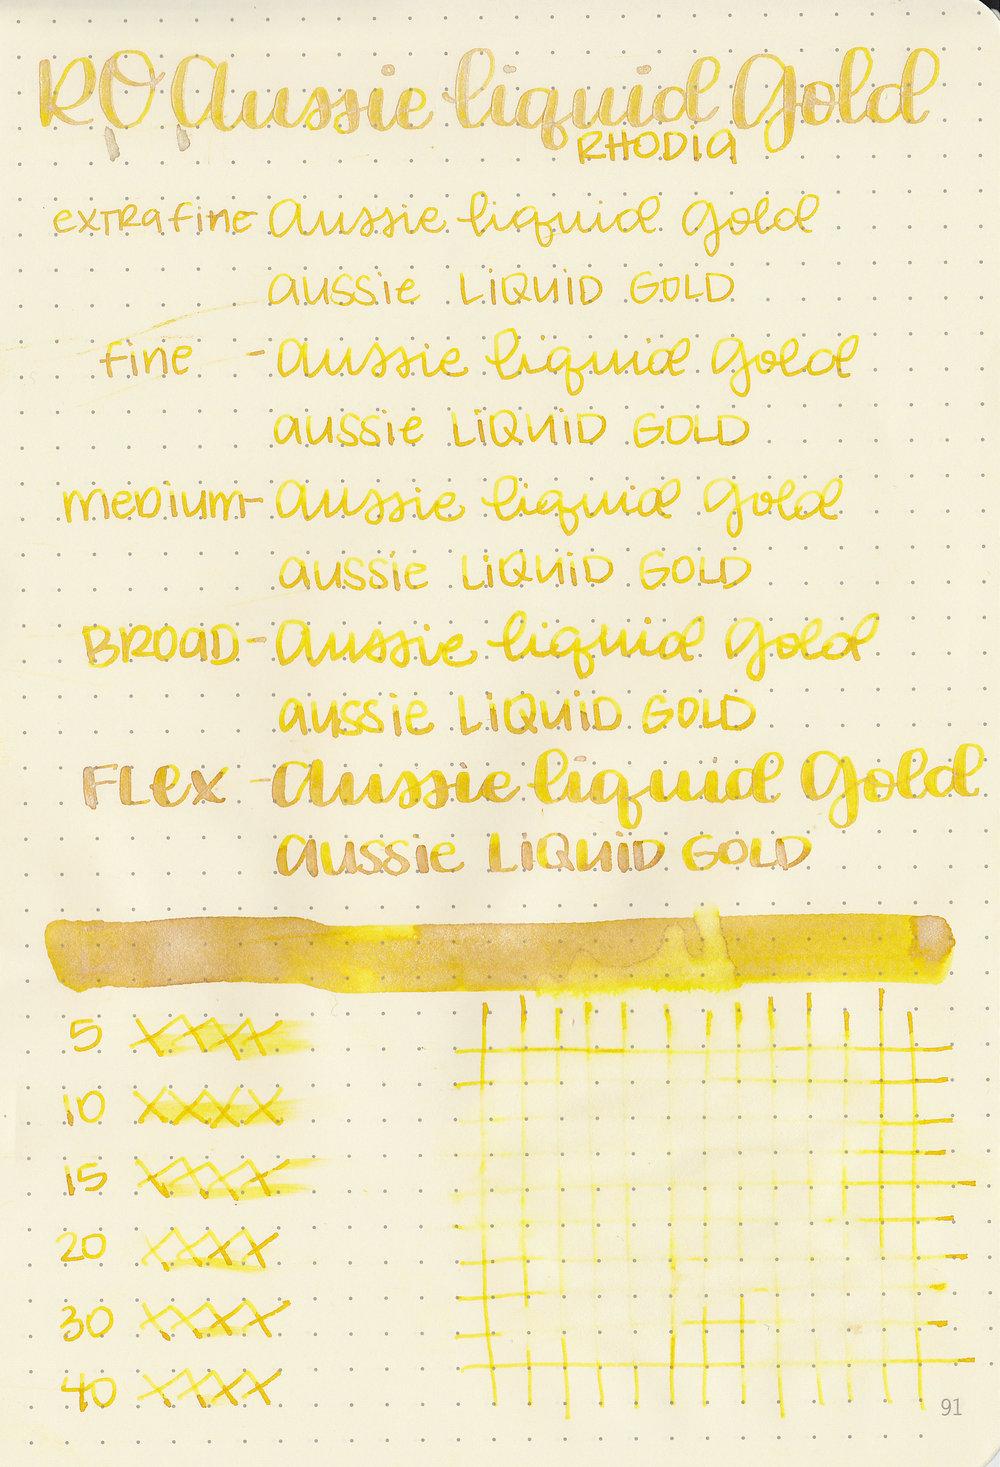 ro-aussie-liquid-gold-6.jpg